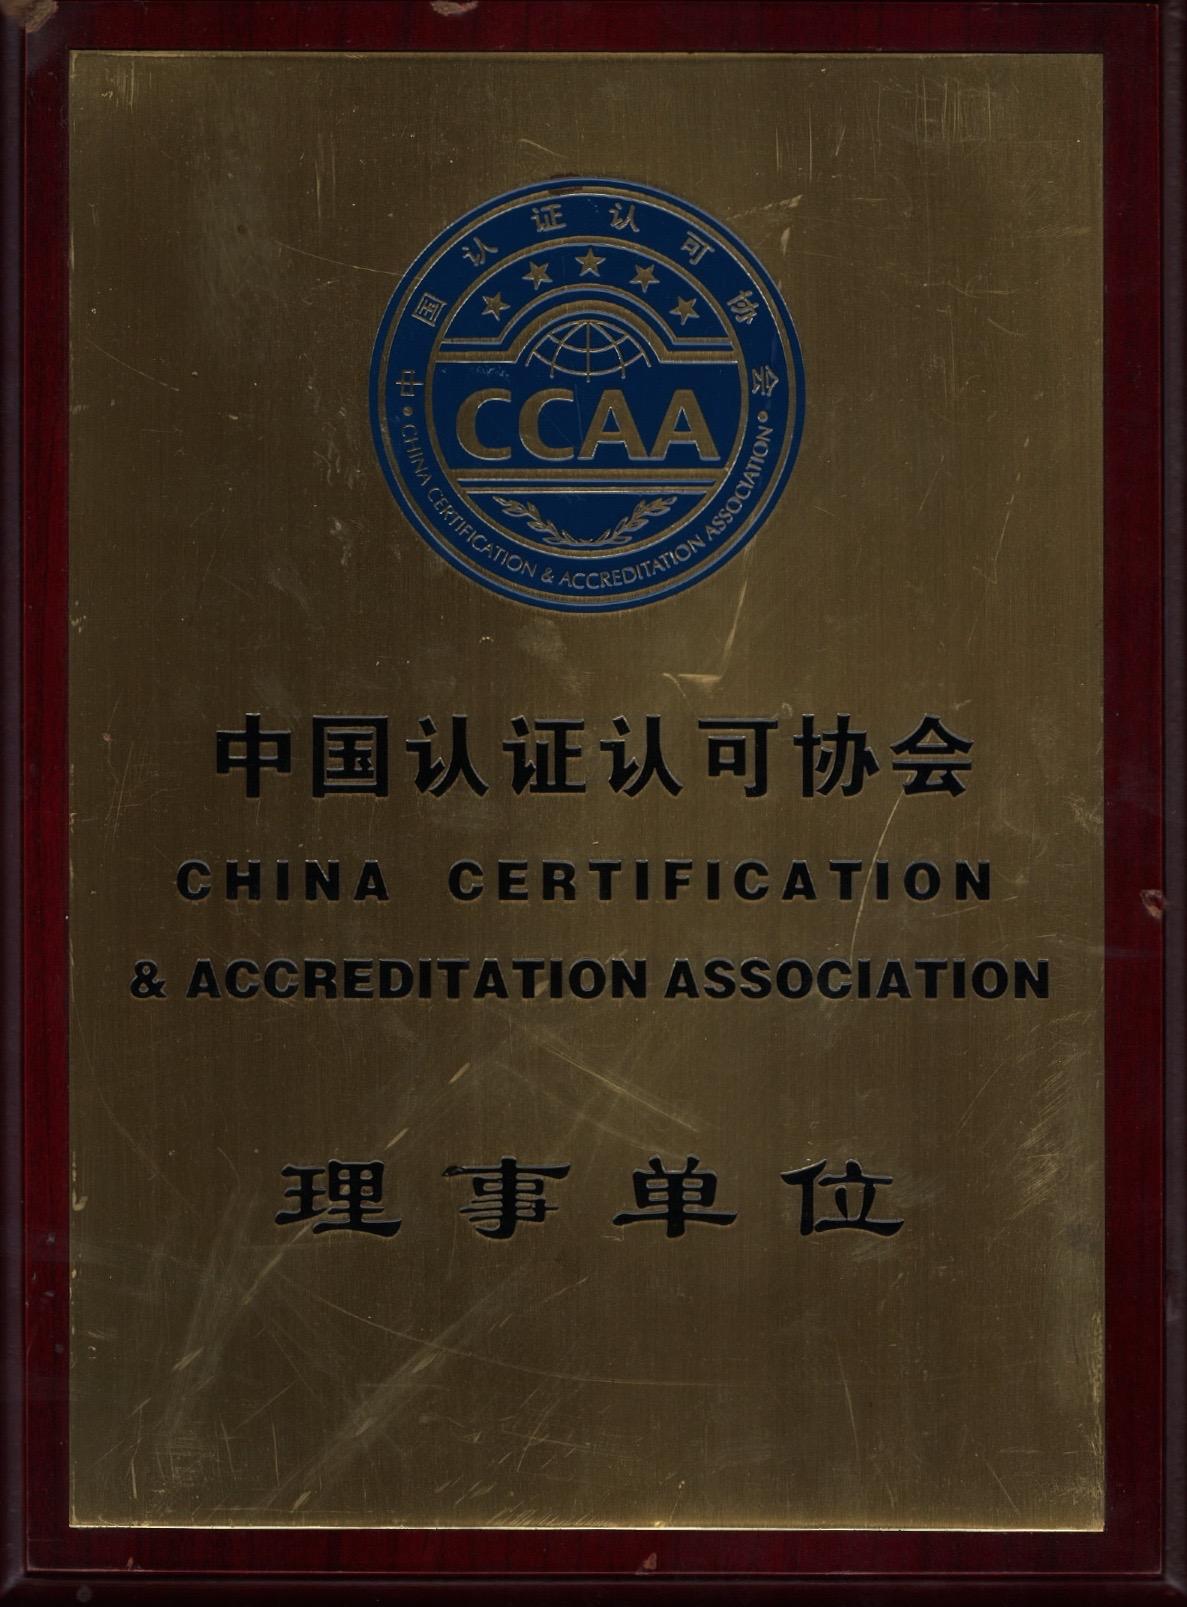 2005中国认证认可协会理事单位